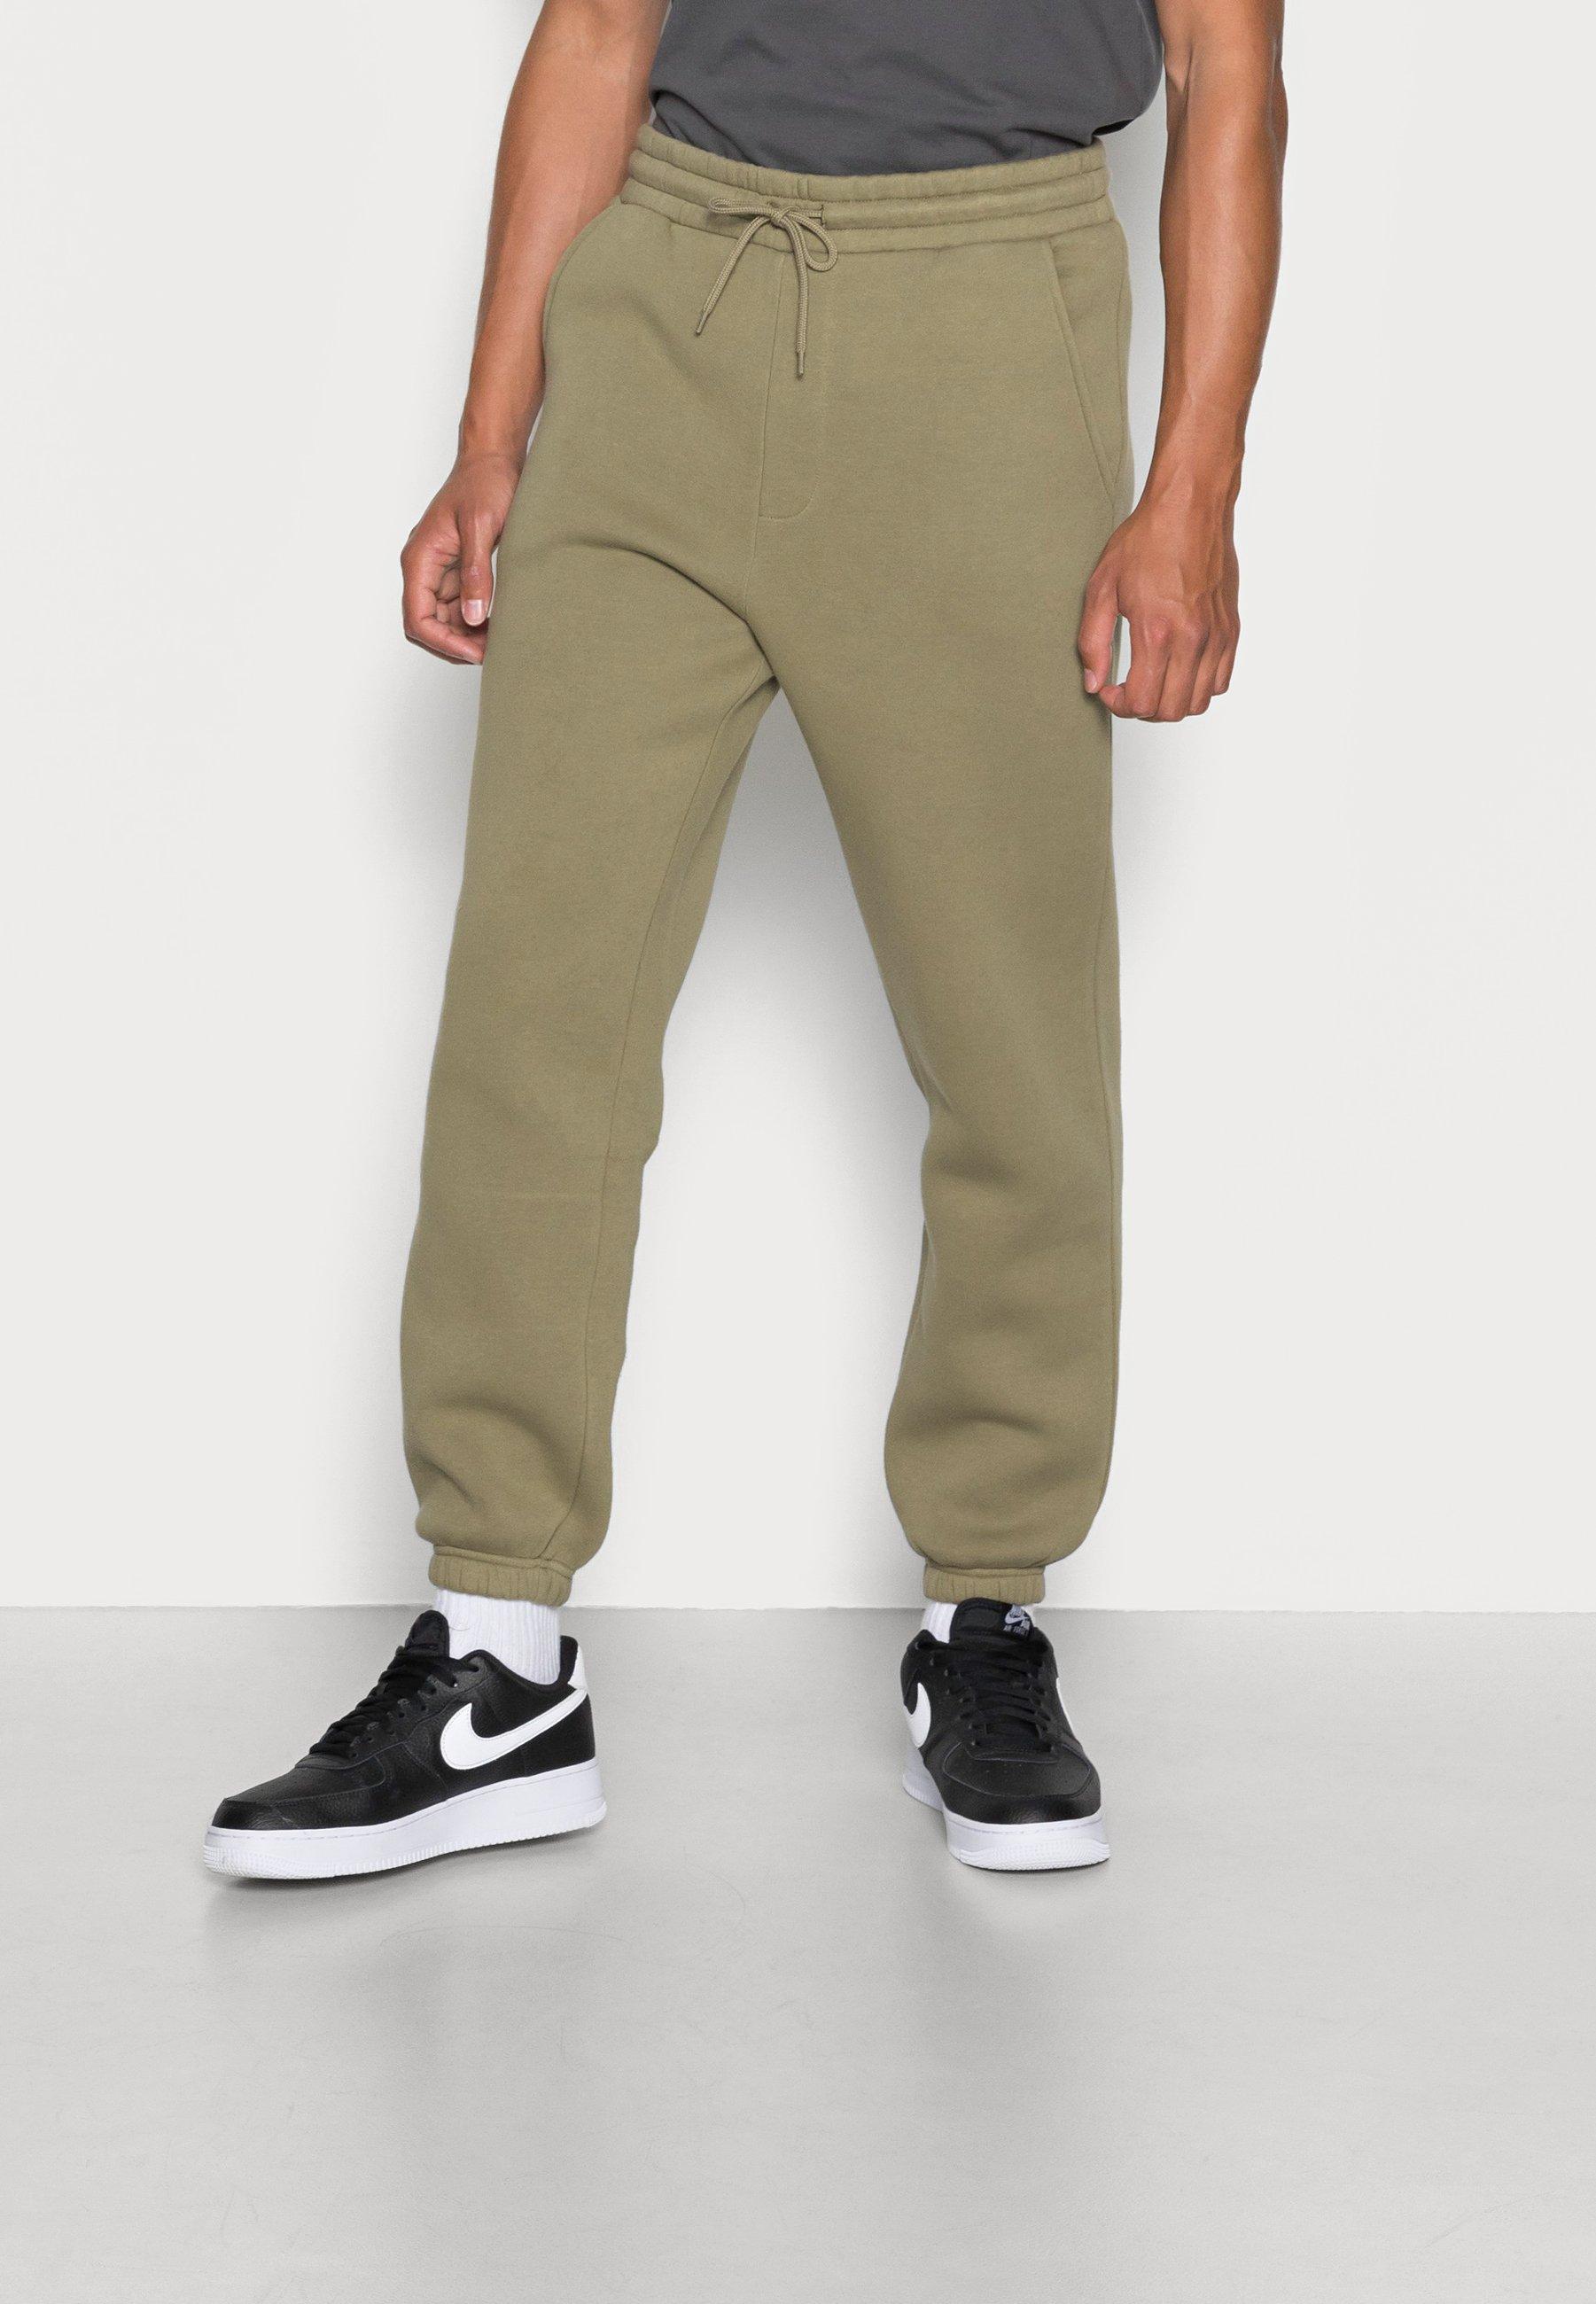 Homme JJIKANE JJBRINK PANTS - Pantalon de survêtement